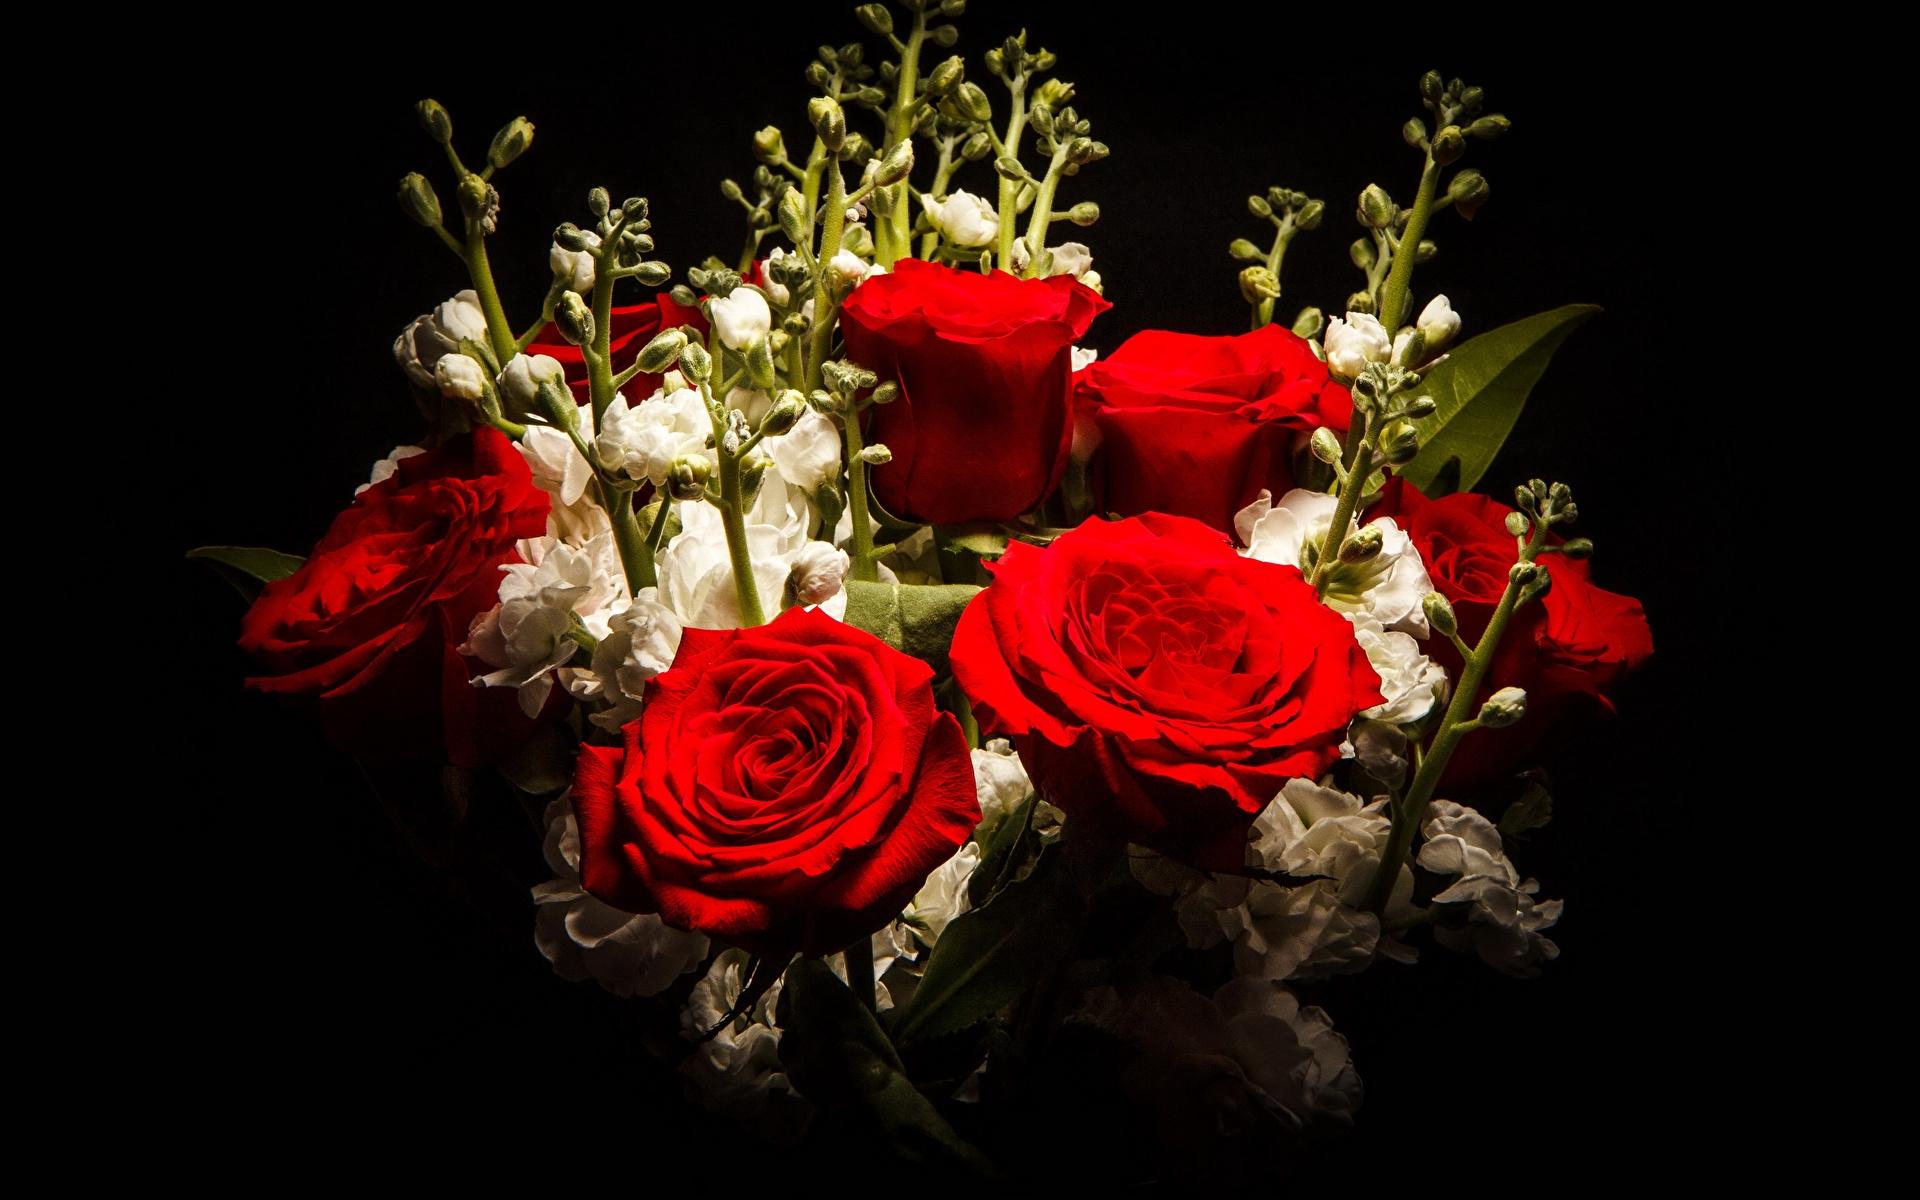 Обои на телефон цветы на черном фоне015